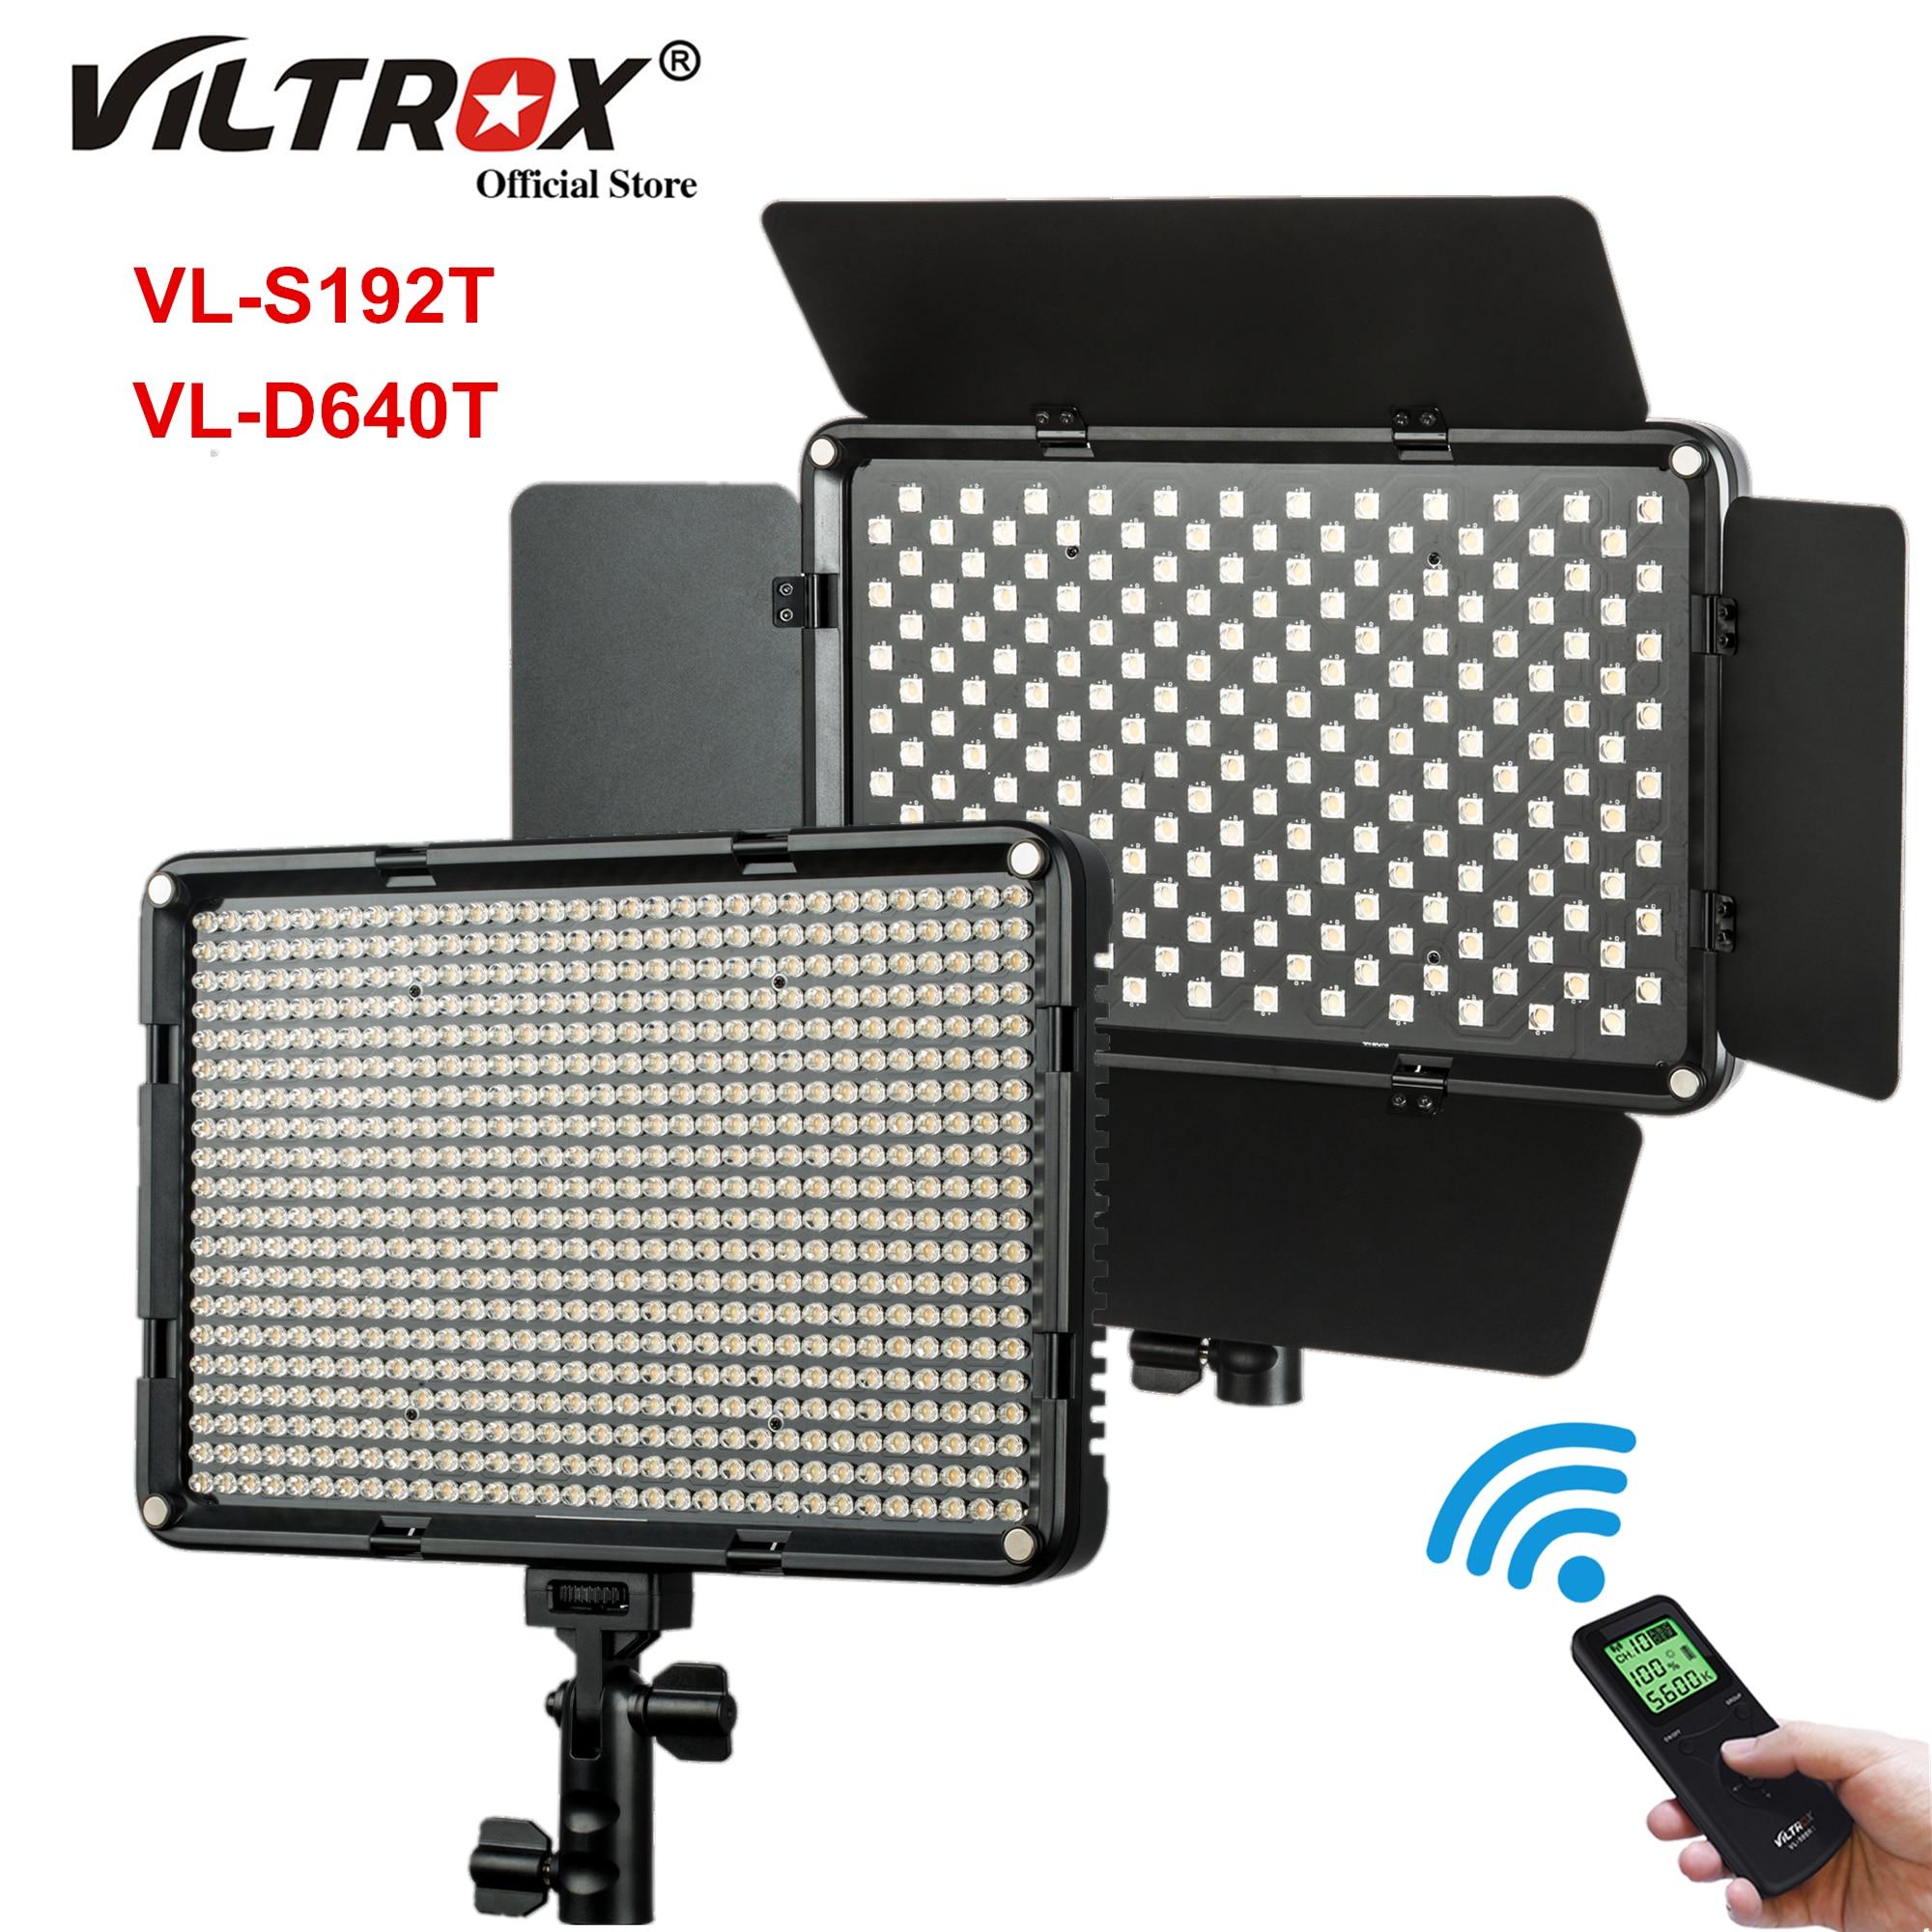 Viltrox VL-D640T 50 واط مصباح ليد لوحة التصوير ضوء لوحة 3300k-5600k ثنائية اللون اللاسلكية عن بعد استوديو الفيديو مصباح التصوير